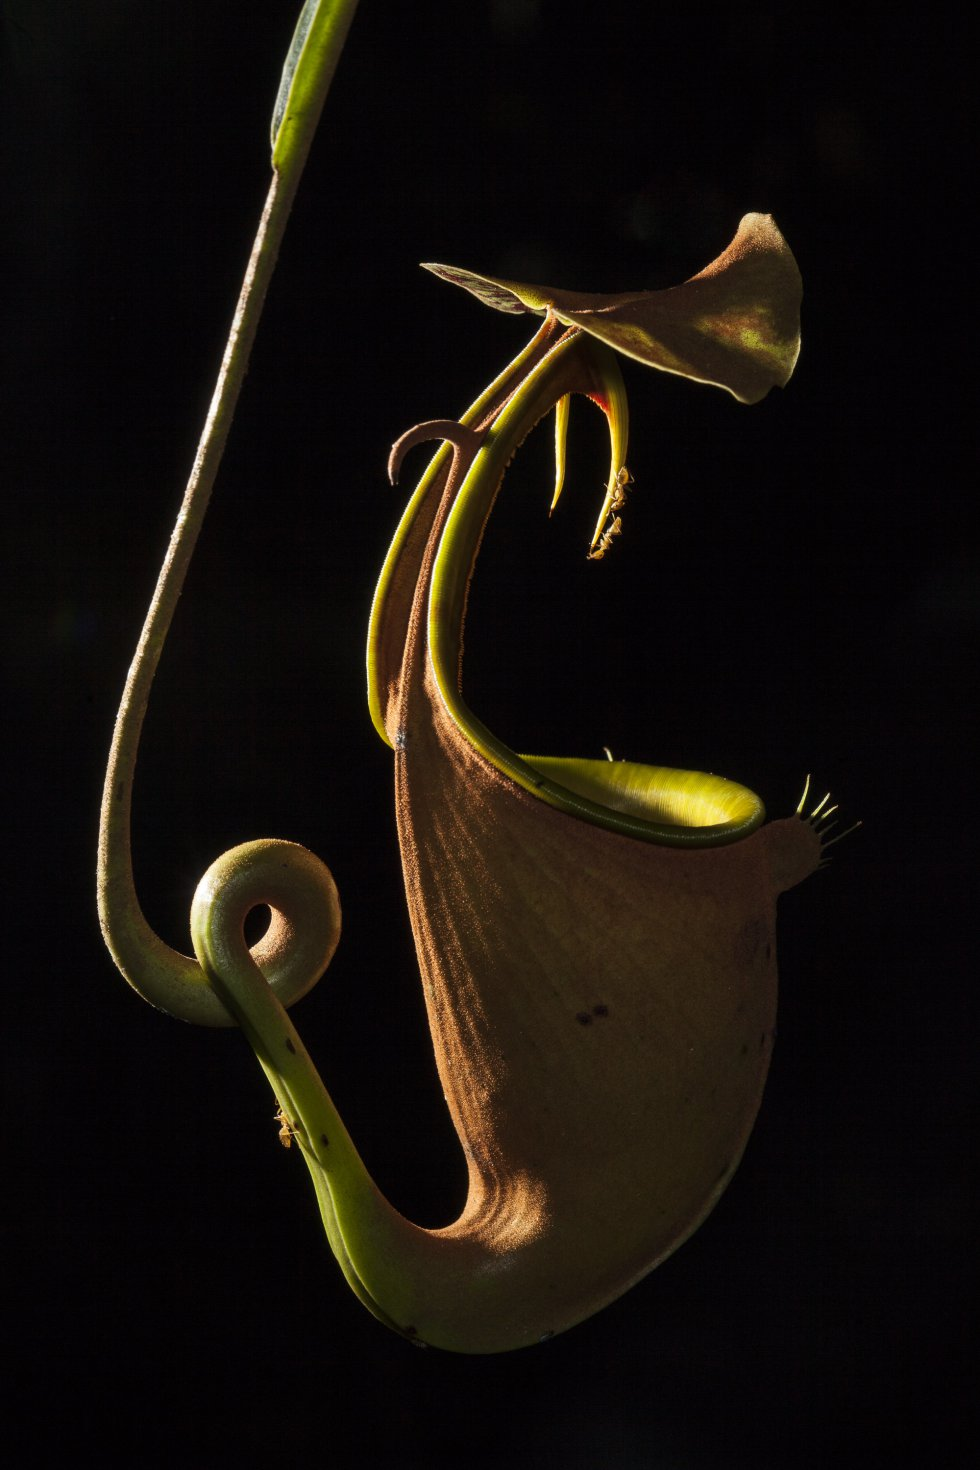 Las plantas carnívoras obtienen sus nutrientes de los insectos que atrapan y digieren. Esta especie, la 'Nepenthes bicalcarata', segrega un néctar dulce y tiene estructuras parecidas a colmillos que son muy resbaladizas para la mayoría de los insectos. Sin embargo, hay una hormiga específica, la 'Camponotus schmitzii', que recorre sin ninguna dificultad los colmillos para robar un poco de néctar, tal y como se muestra en la fotografía. La imagen fue finalista en la categoría Ecología y ciencias ambientales.